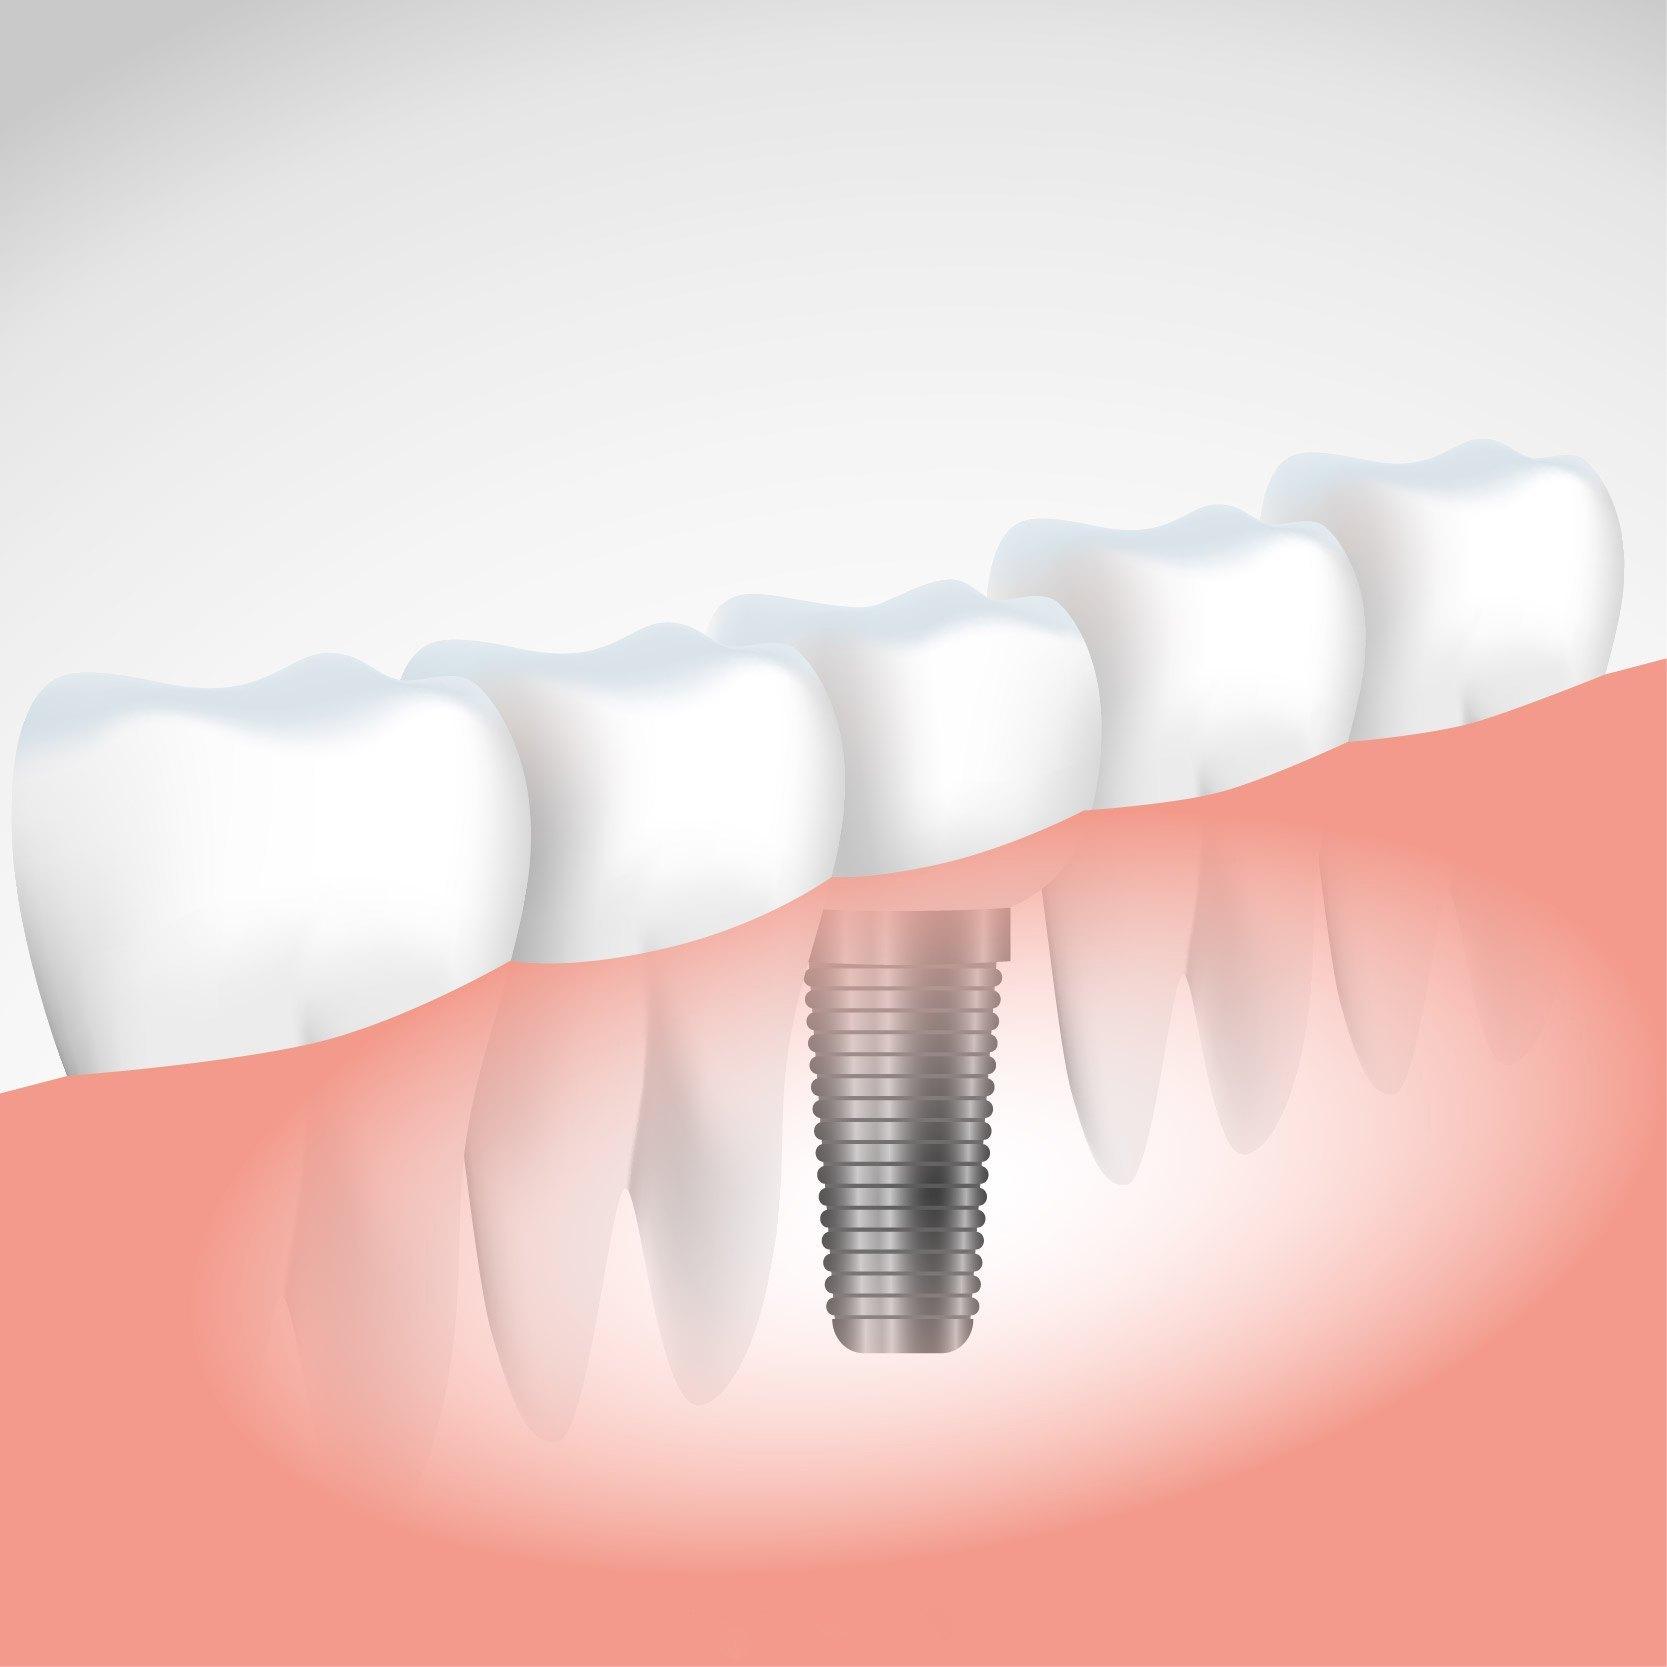 Implantes dentales: Todo lo que debes saber - Acosta Cubero